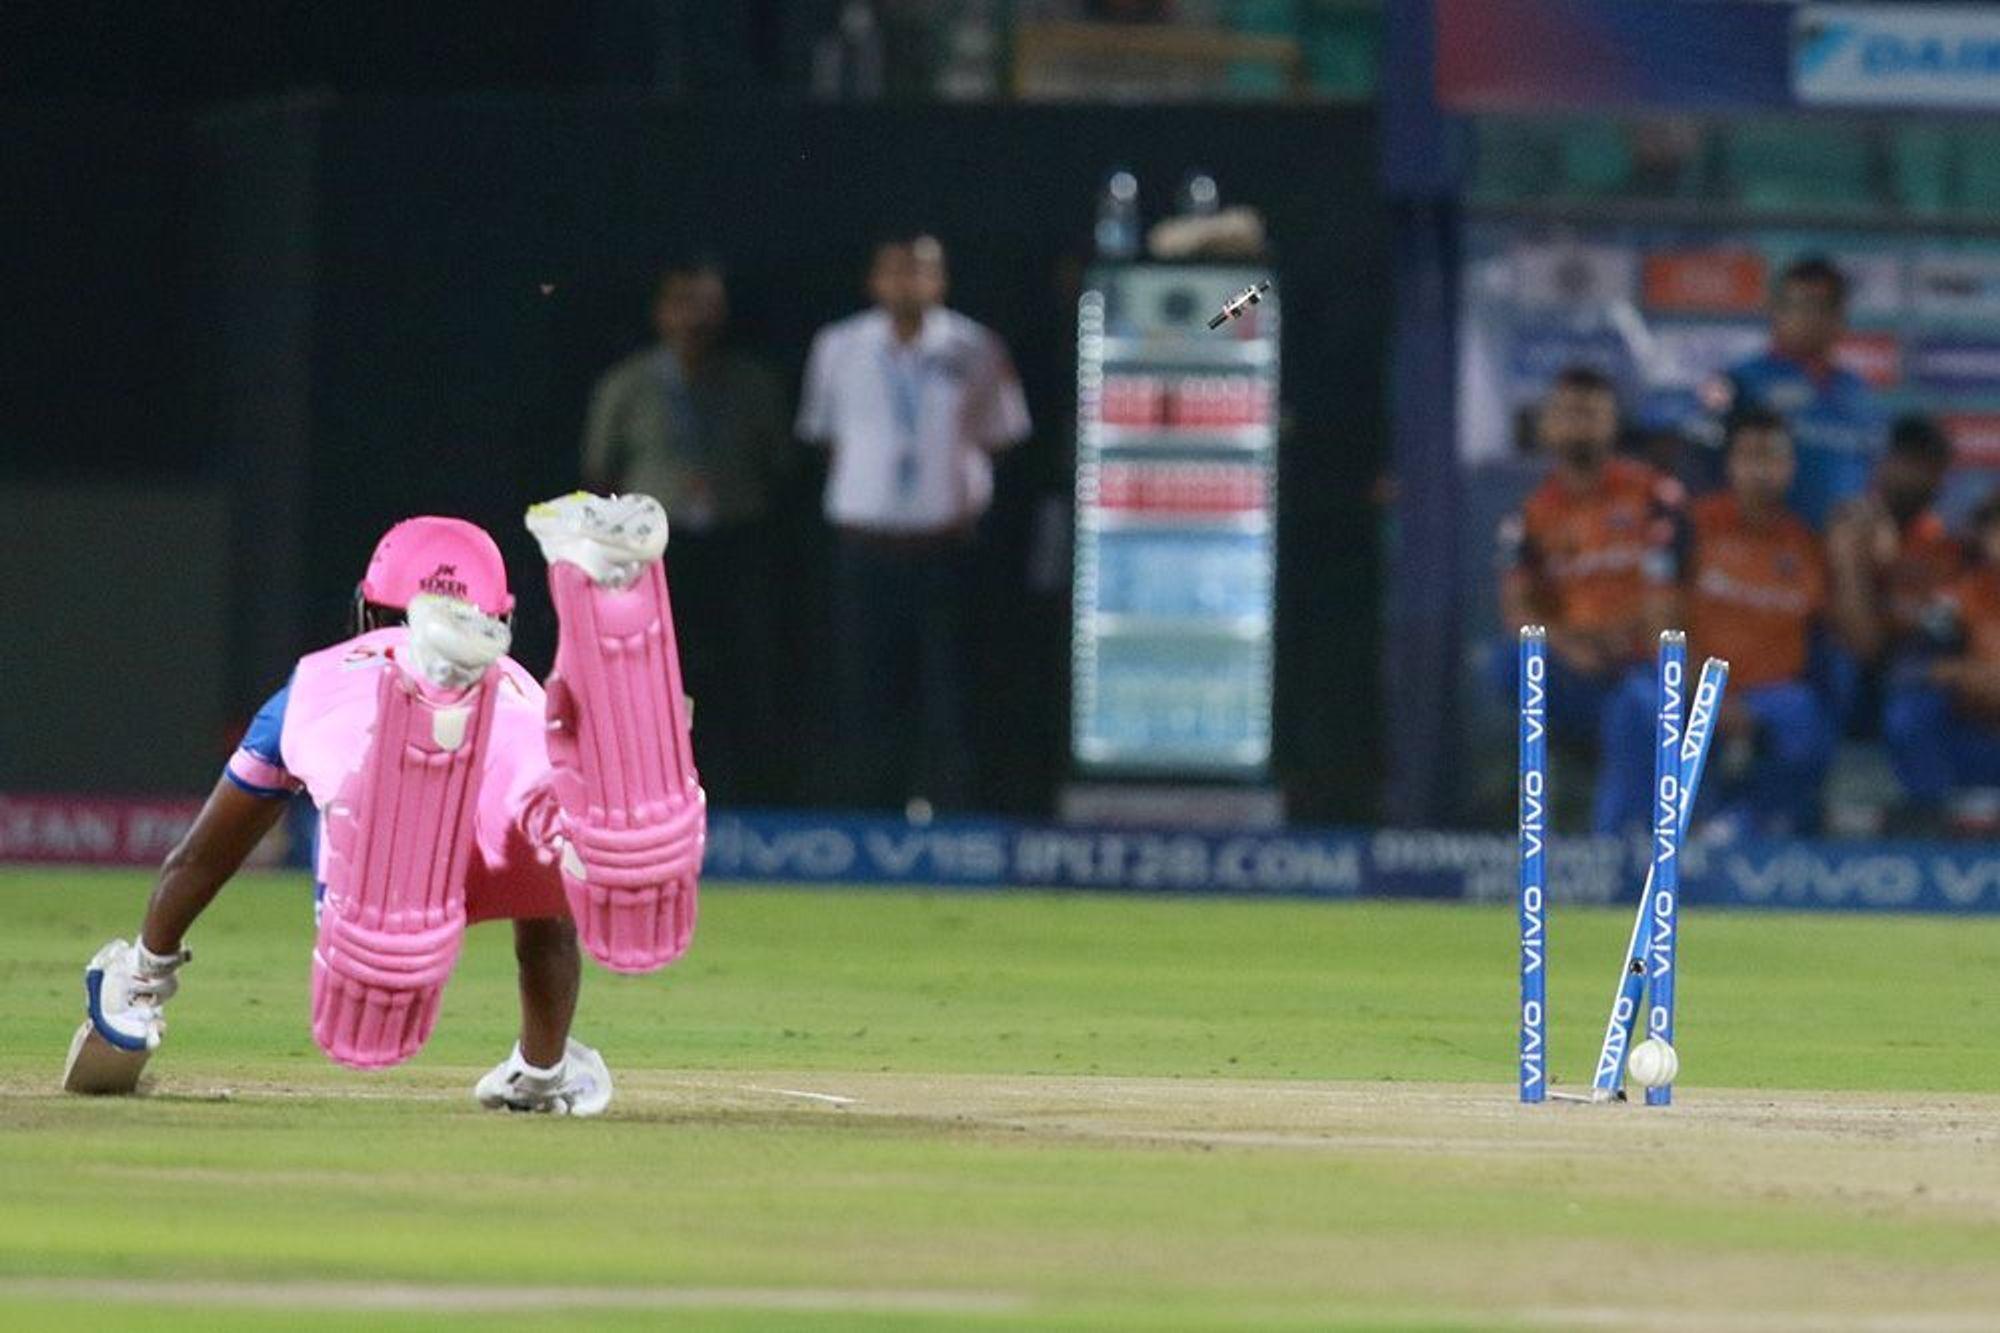 आईपीएल 2019: DC vs RR: 4.2 ओवर में अपनी इस बड़ी गलती के चलते रन आउट हुए संजू सैमसन, वीडियो देख नहीं रुकेगी आपकी हंसी 5